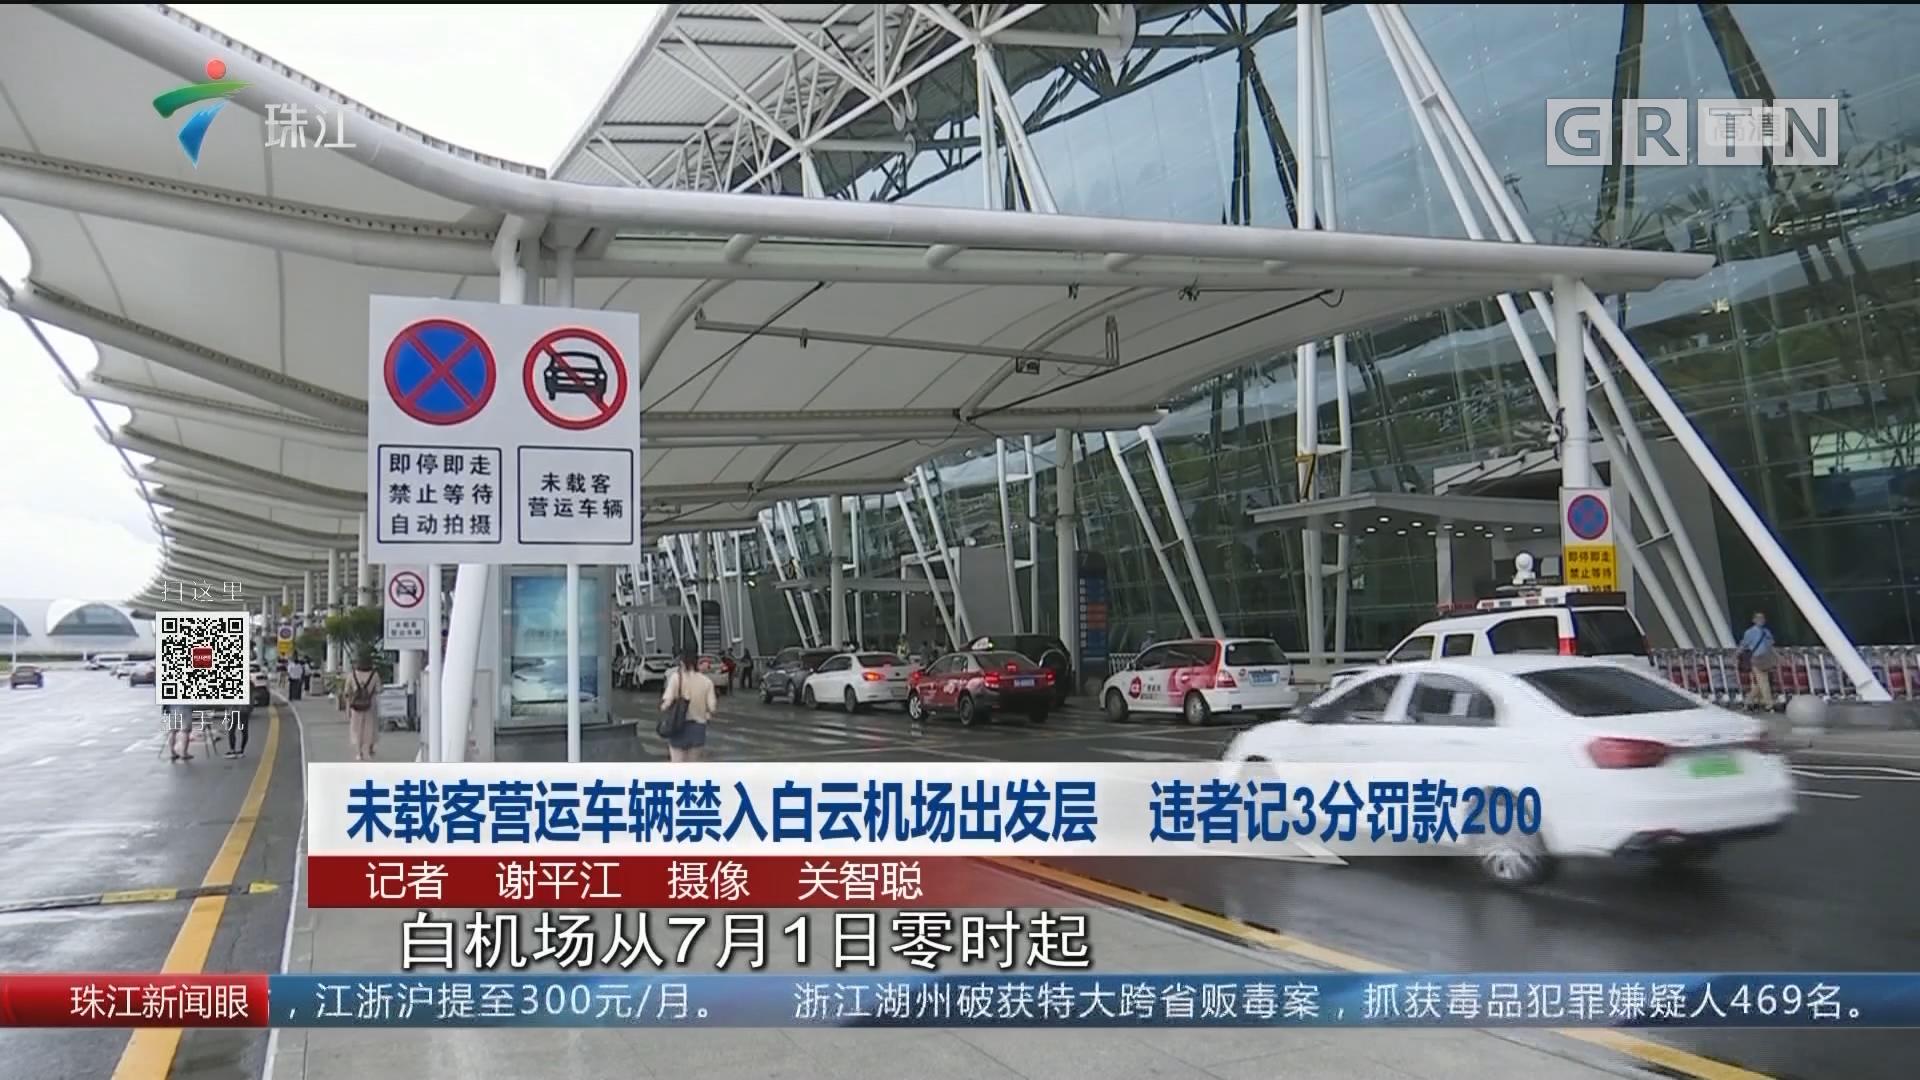 未载客营运车辆禁入白云机场出发层 违者记3分罚款200